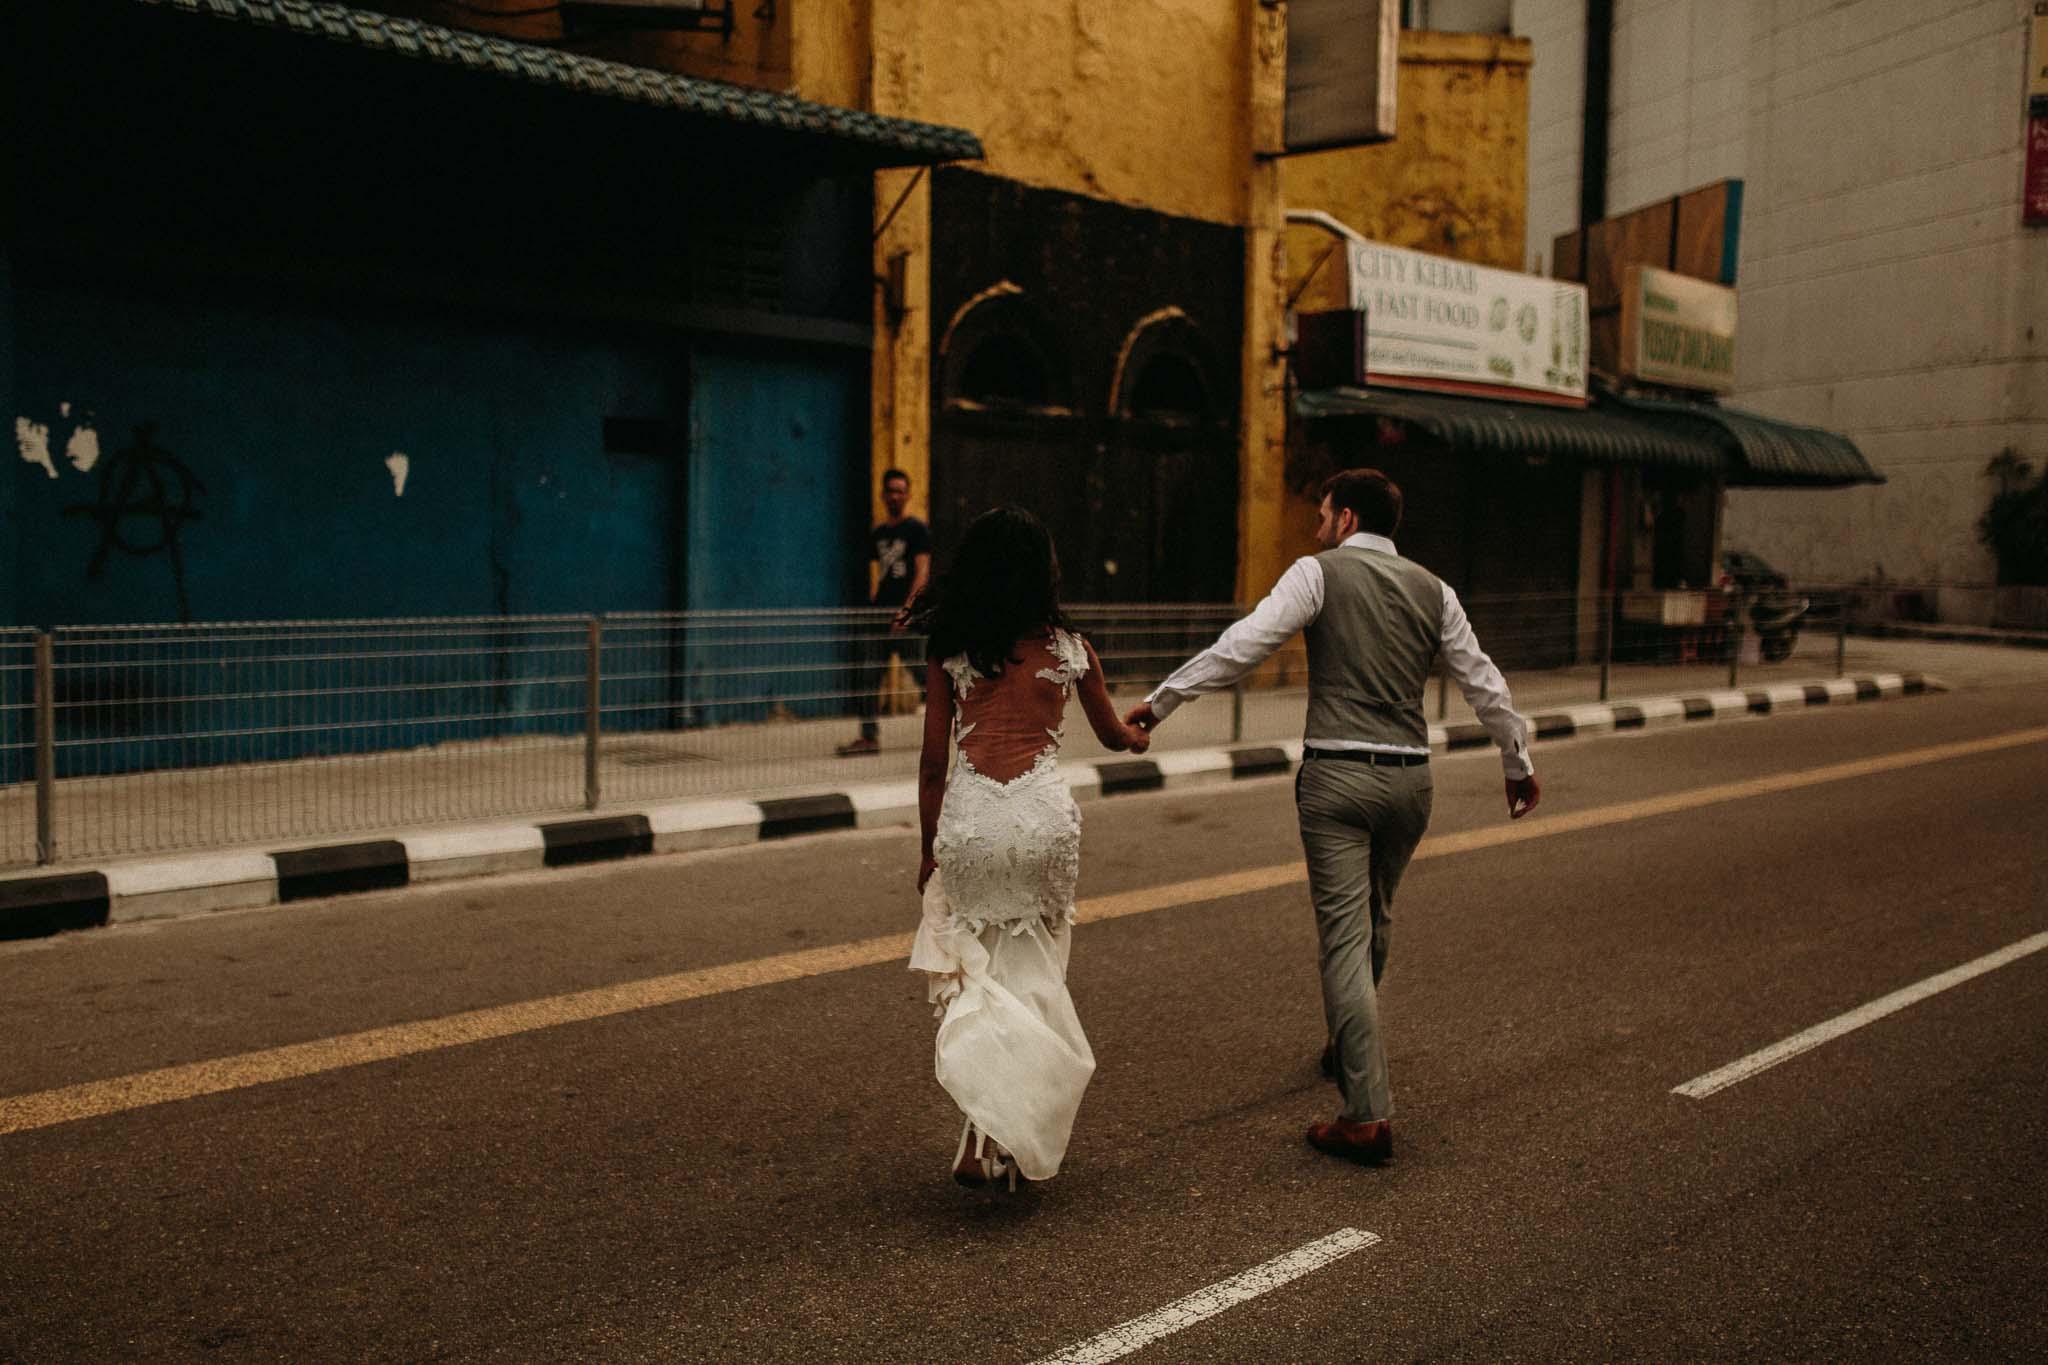 u&m-weddingsbyqay-lovesession-destinationweddingphotographer (103 of 160).jpg